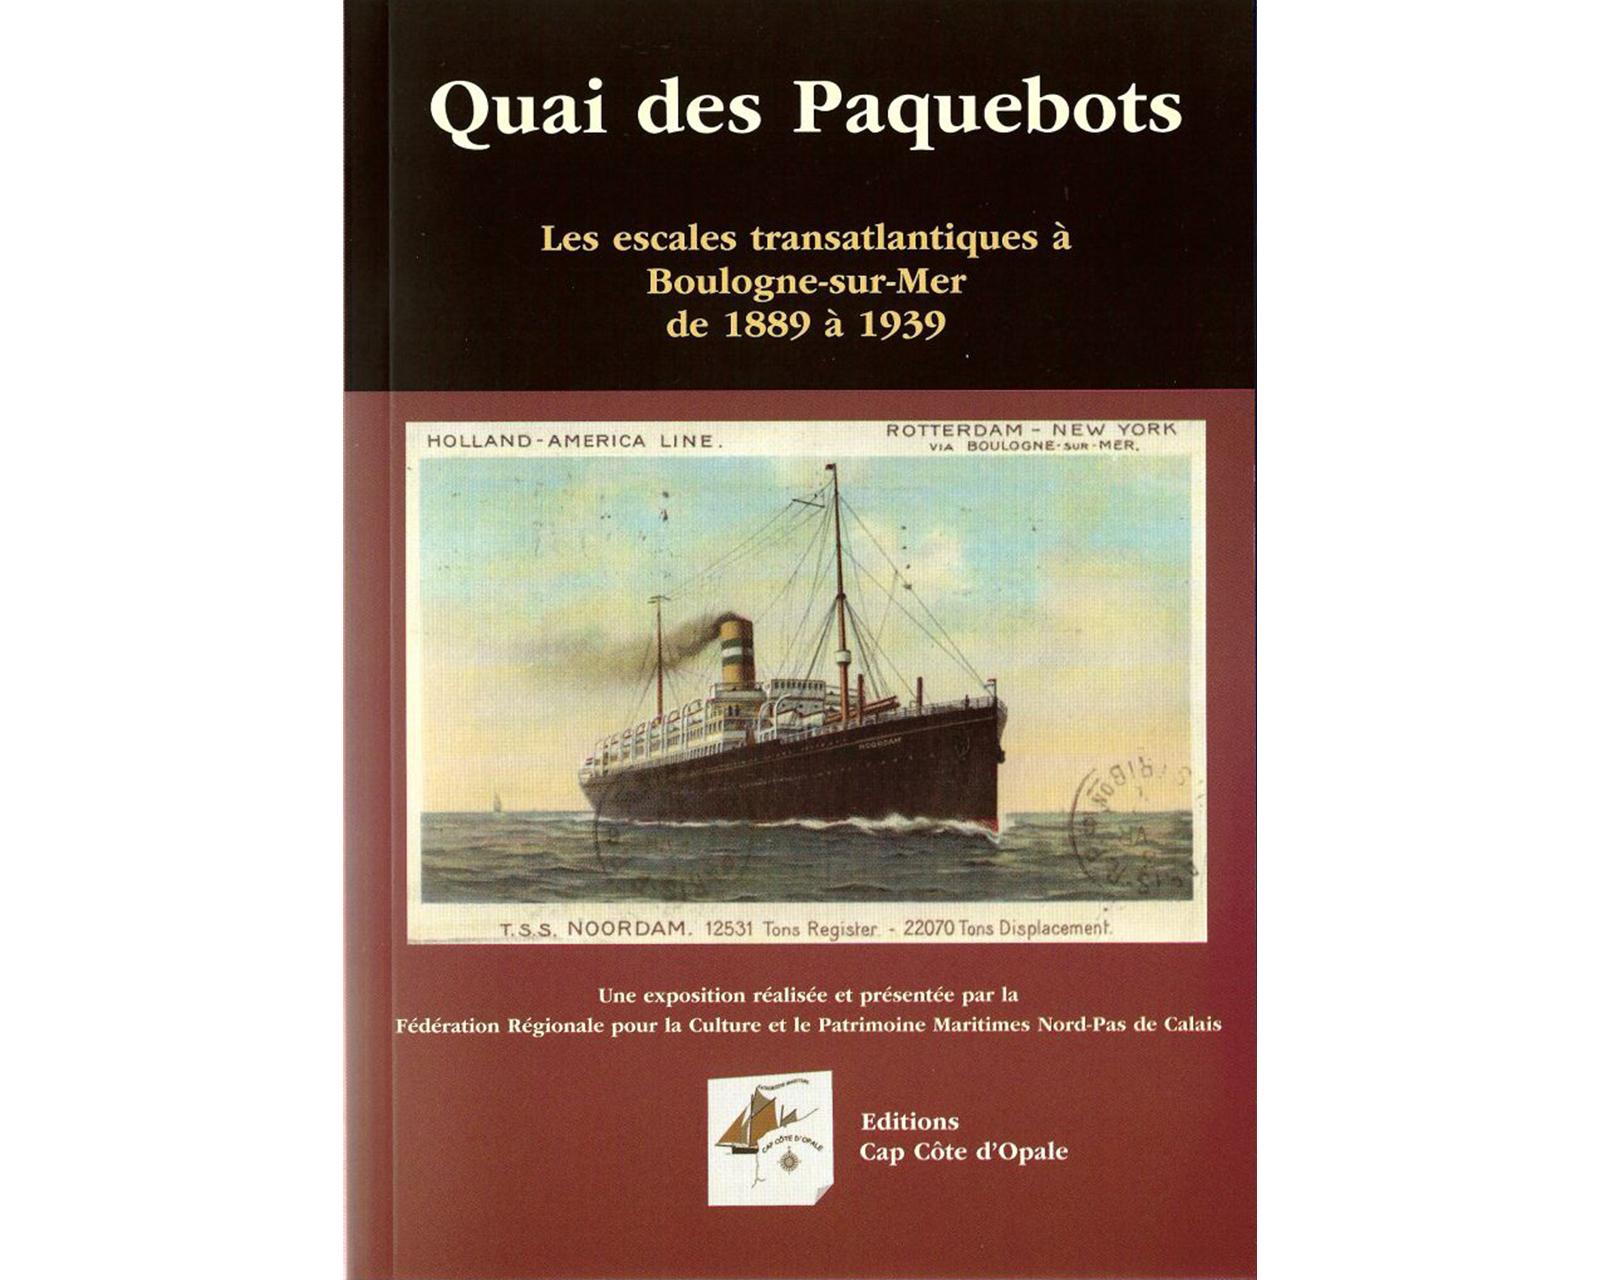 Quai des Paquebots, les escales de transatlantiques à Boulogne-sur-Mer, de 1889 à 1939